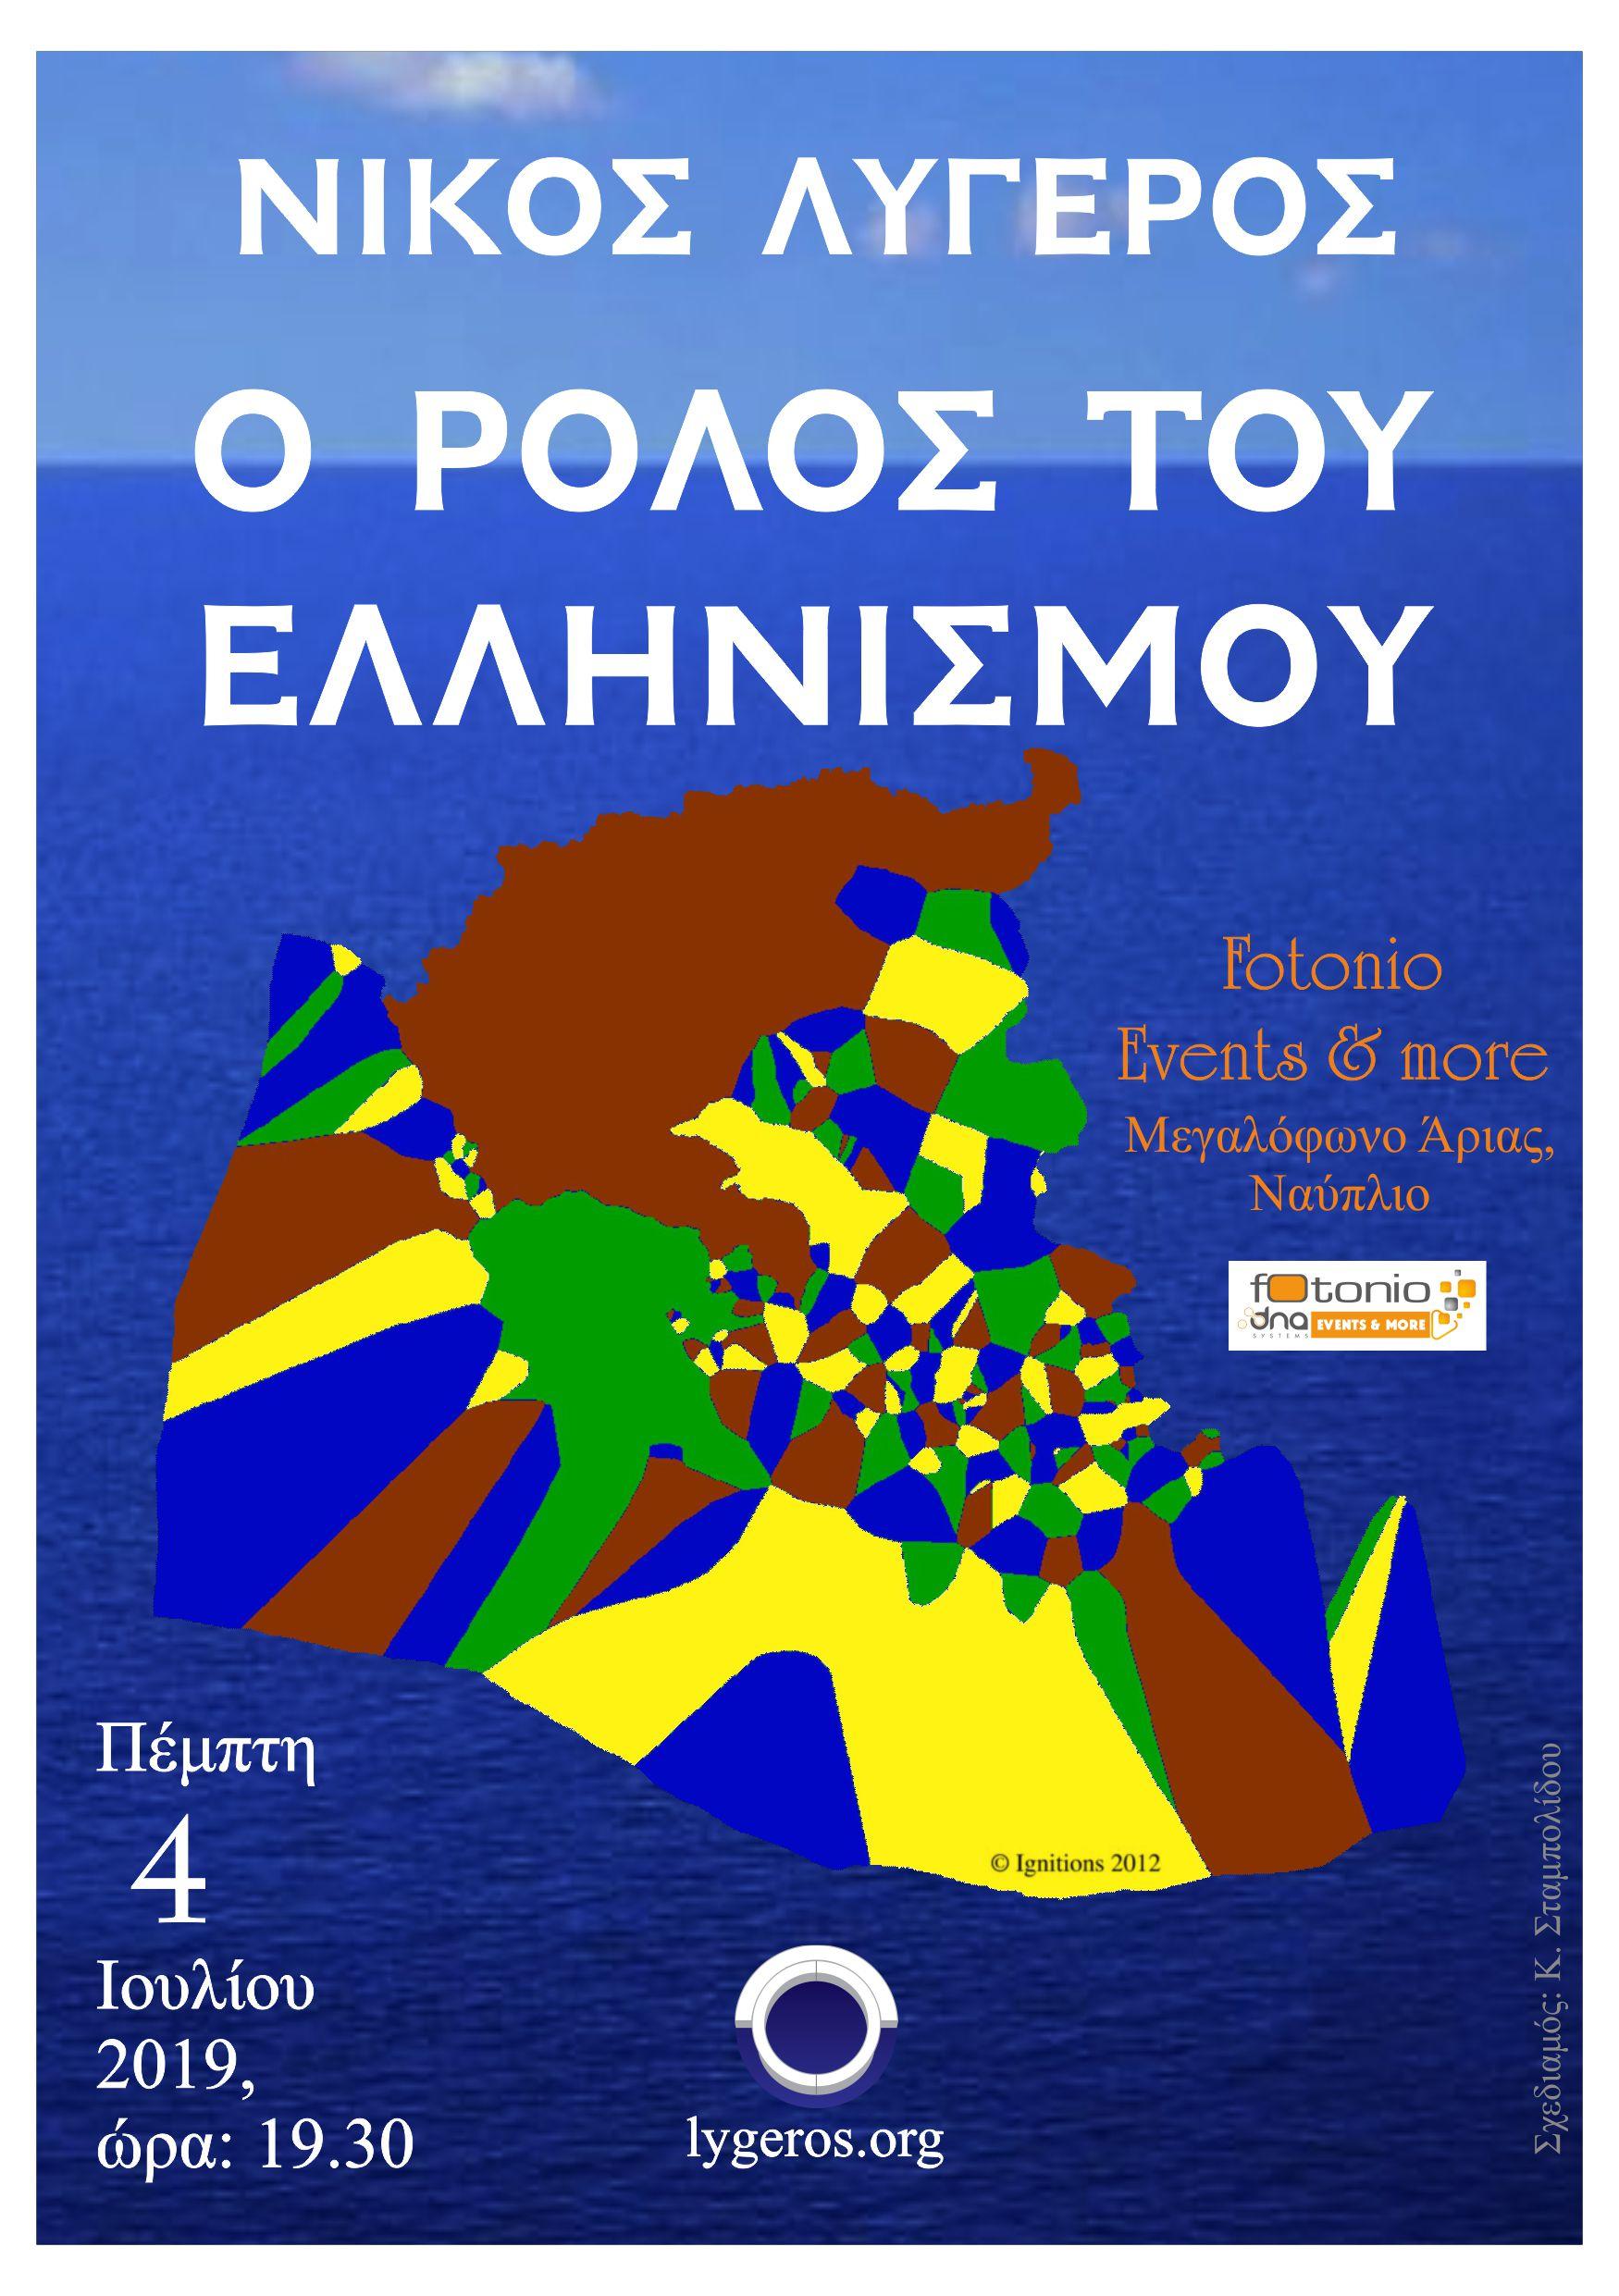 Διάλεξη: O ρόλος του Ελληνισμού